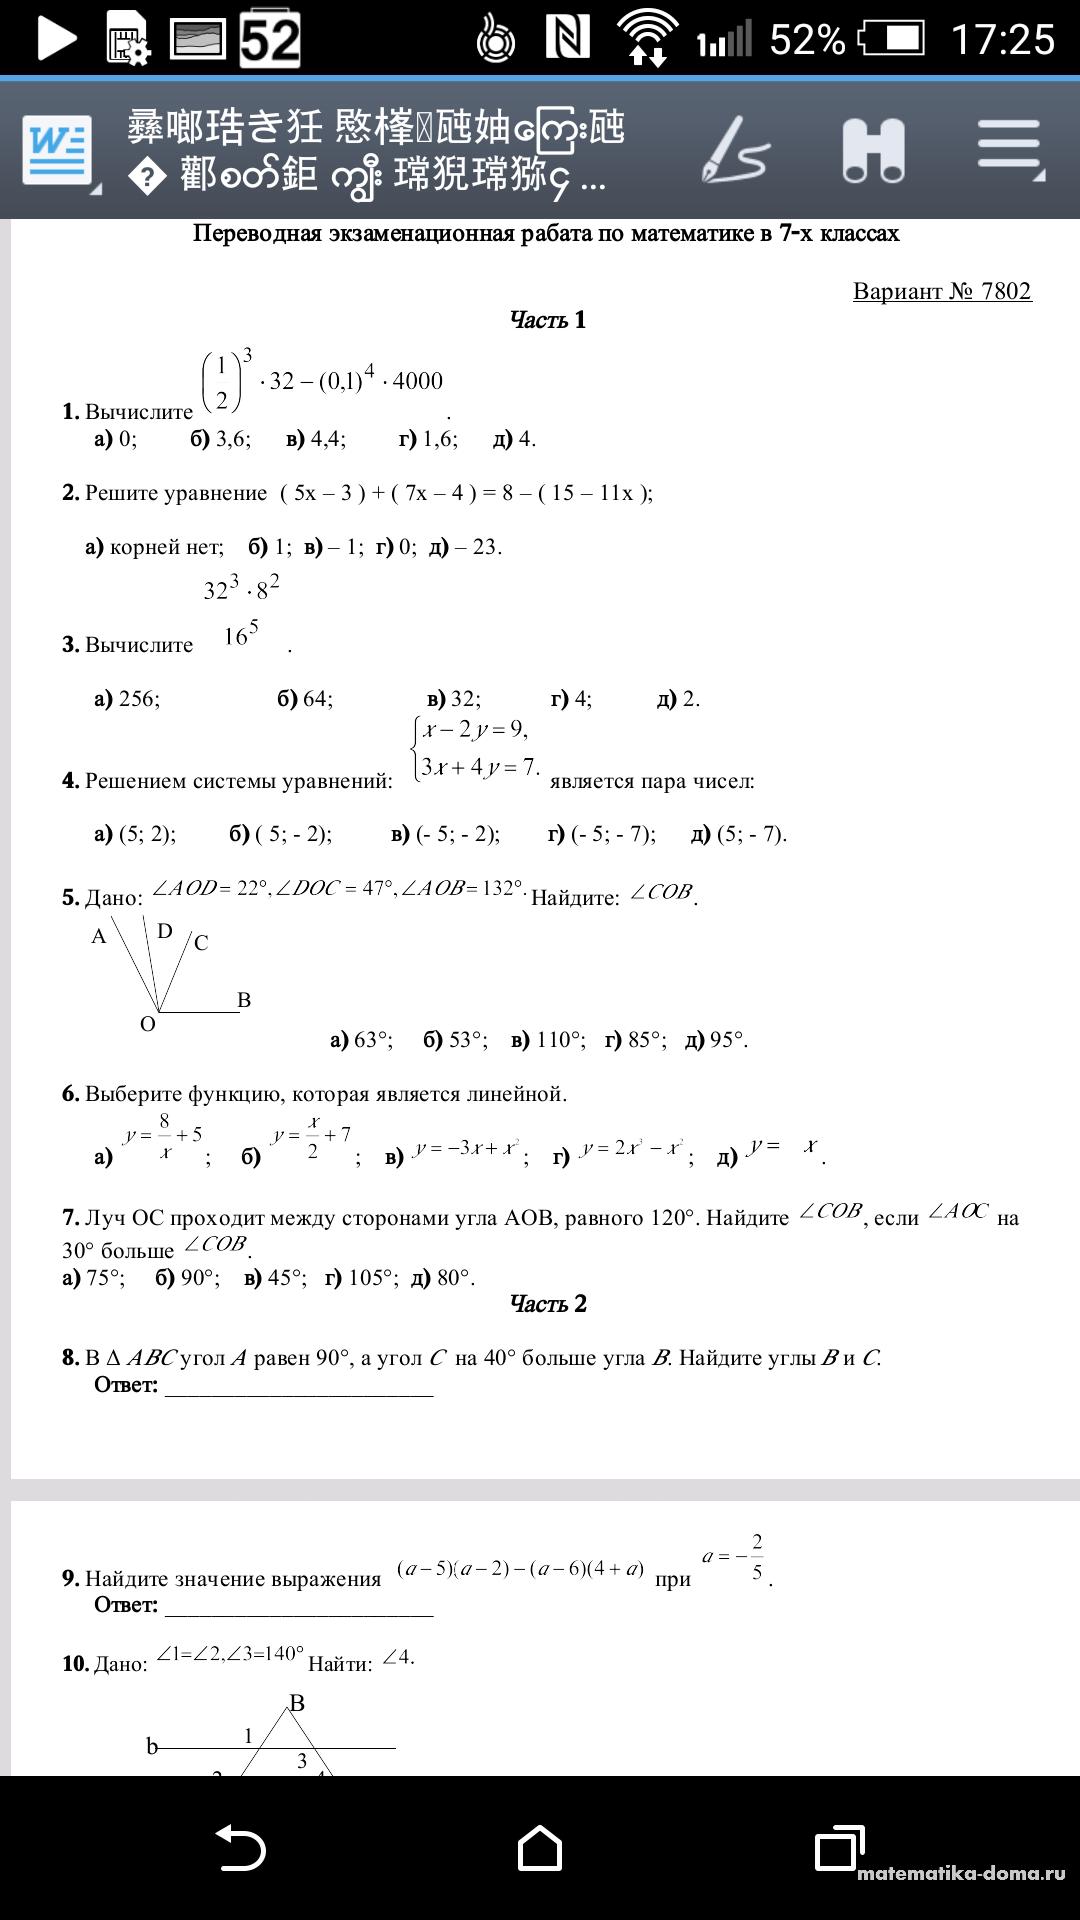 Задачи к урокам геометрии 7-11 классы зив б.г 1998 как решать задачи